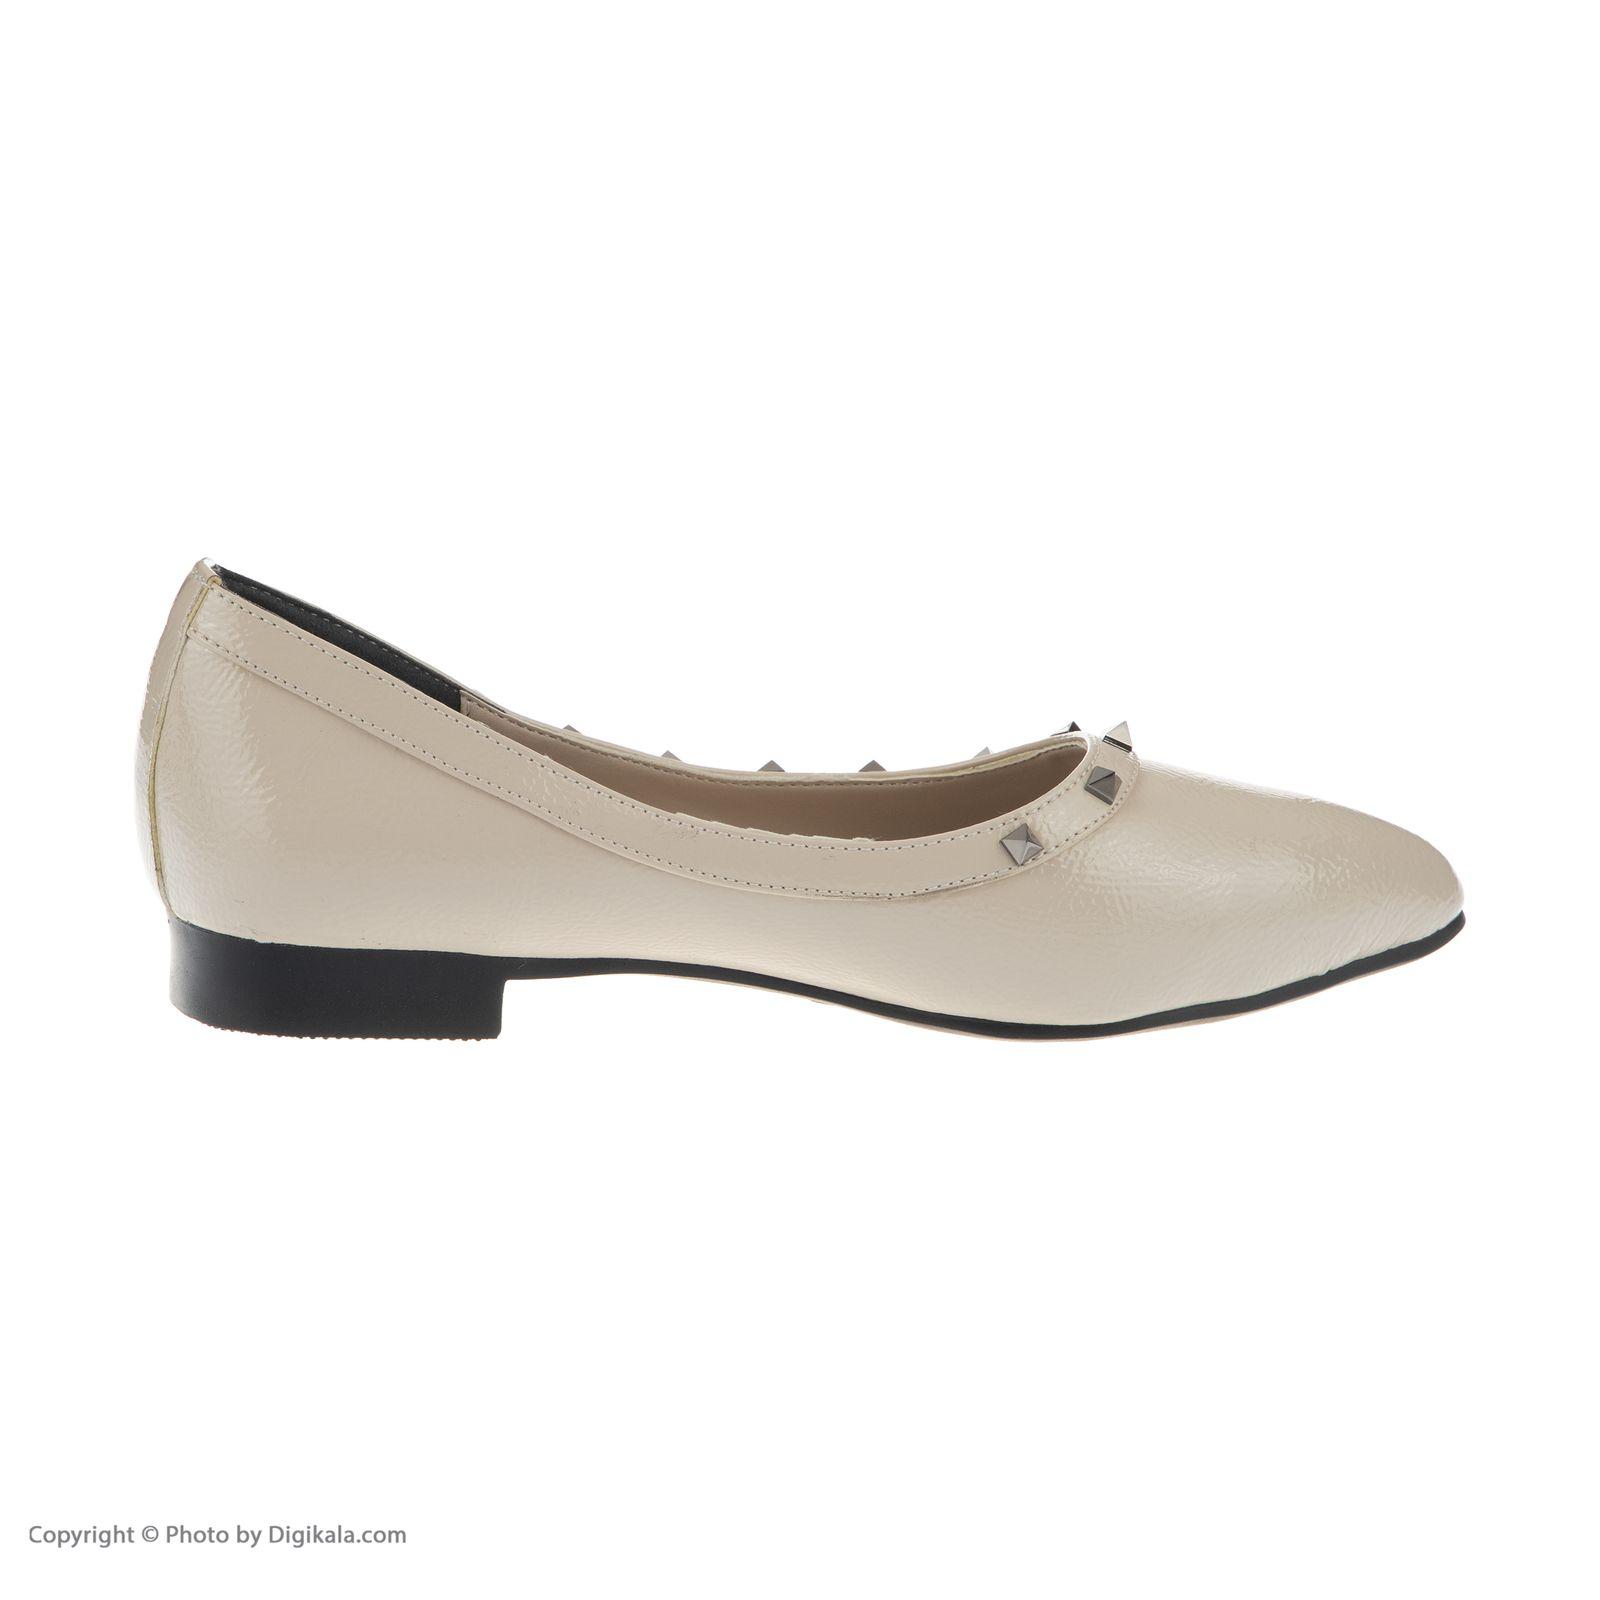 کفش زنانه زبرا مدل 6090 -  - 3